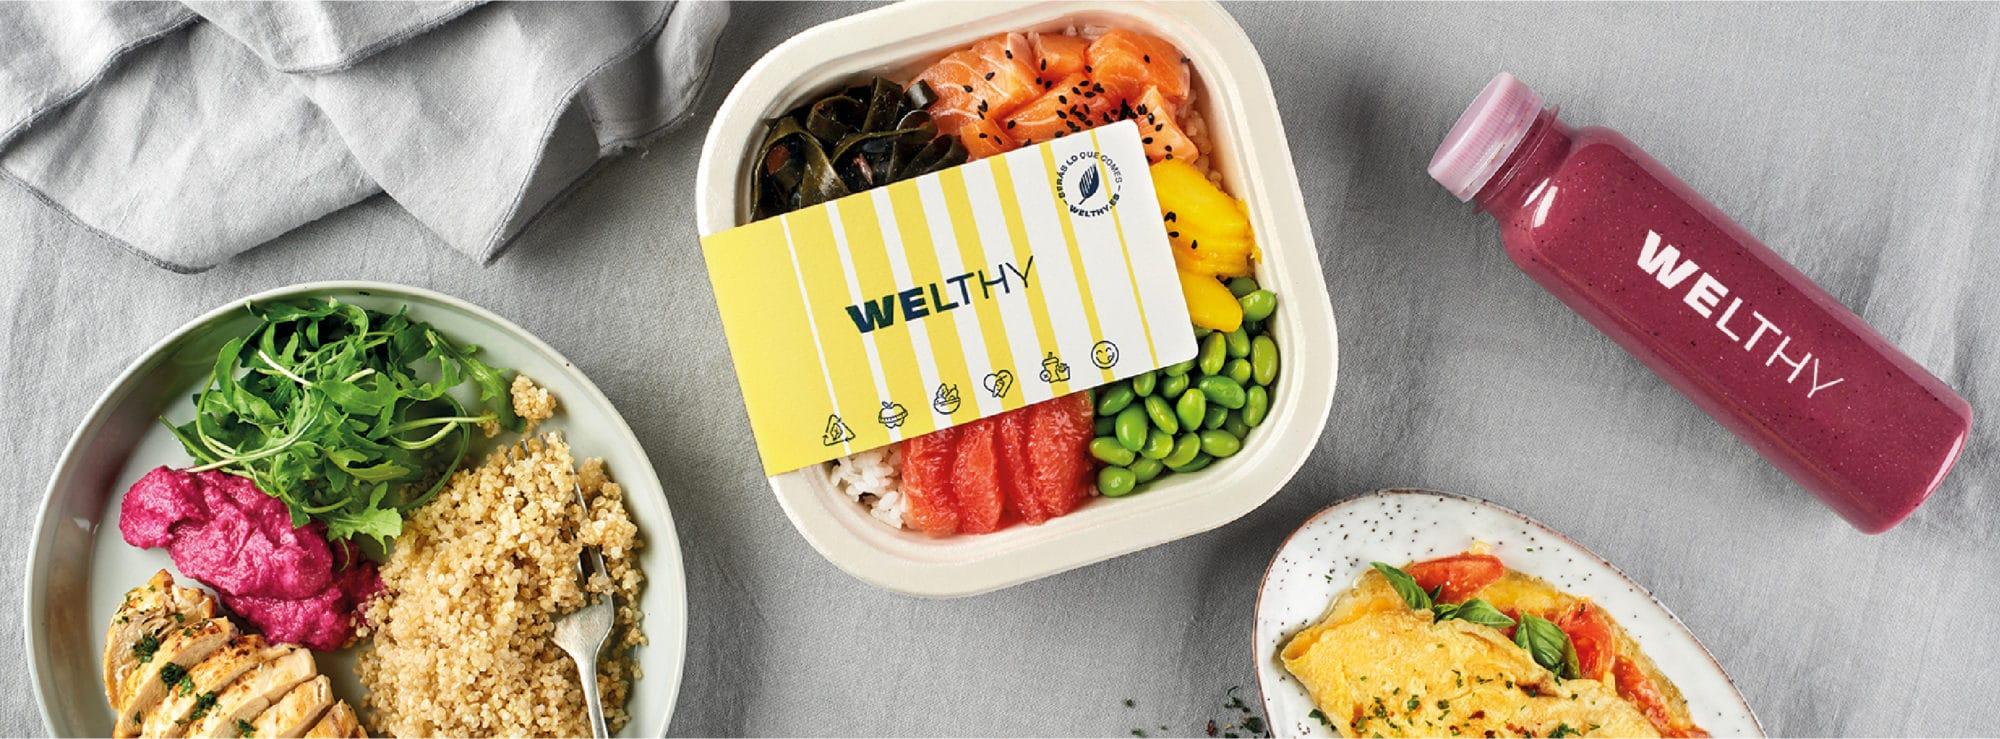 Lo que te aportan los menús saludables con control de calorías